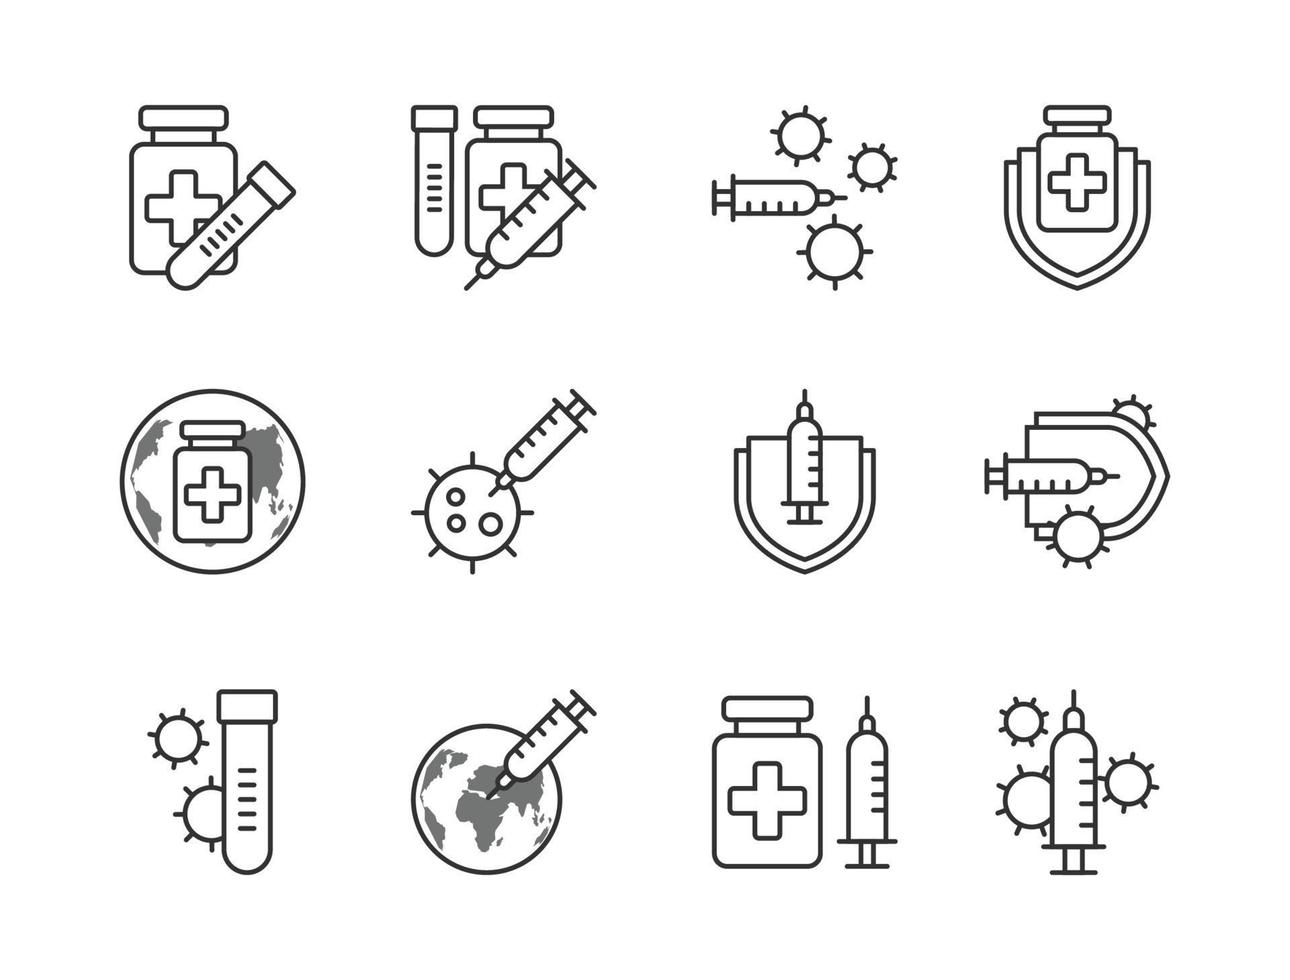 icona del vaccino covid-19 imposta lo stile del contorno. segno e simbolo per websit, stampa, adesivo, banner, poster. vettore